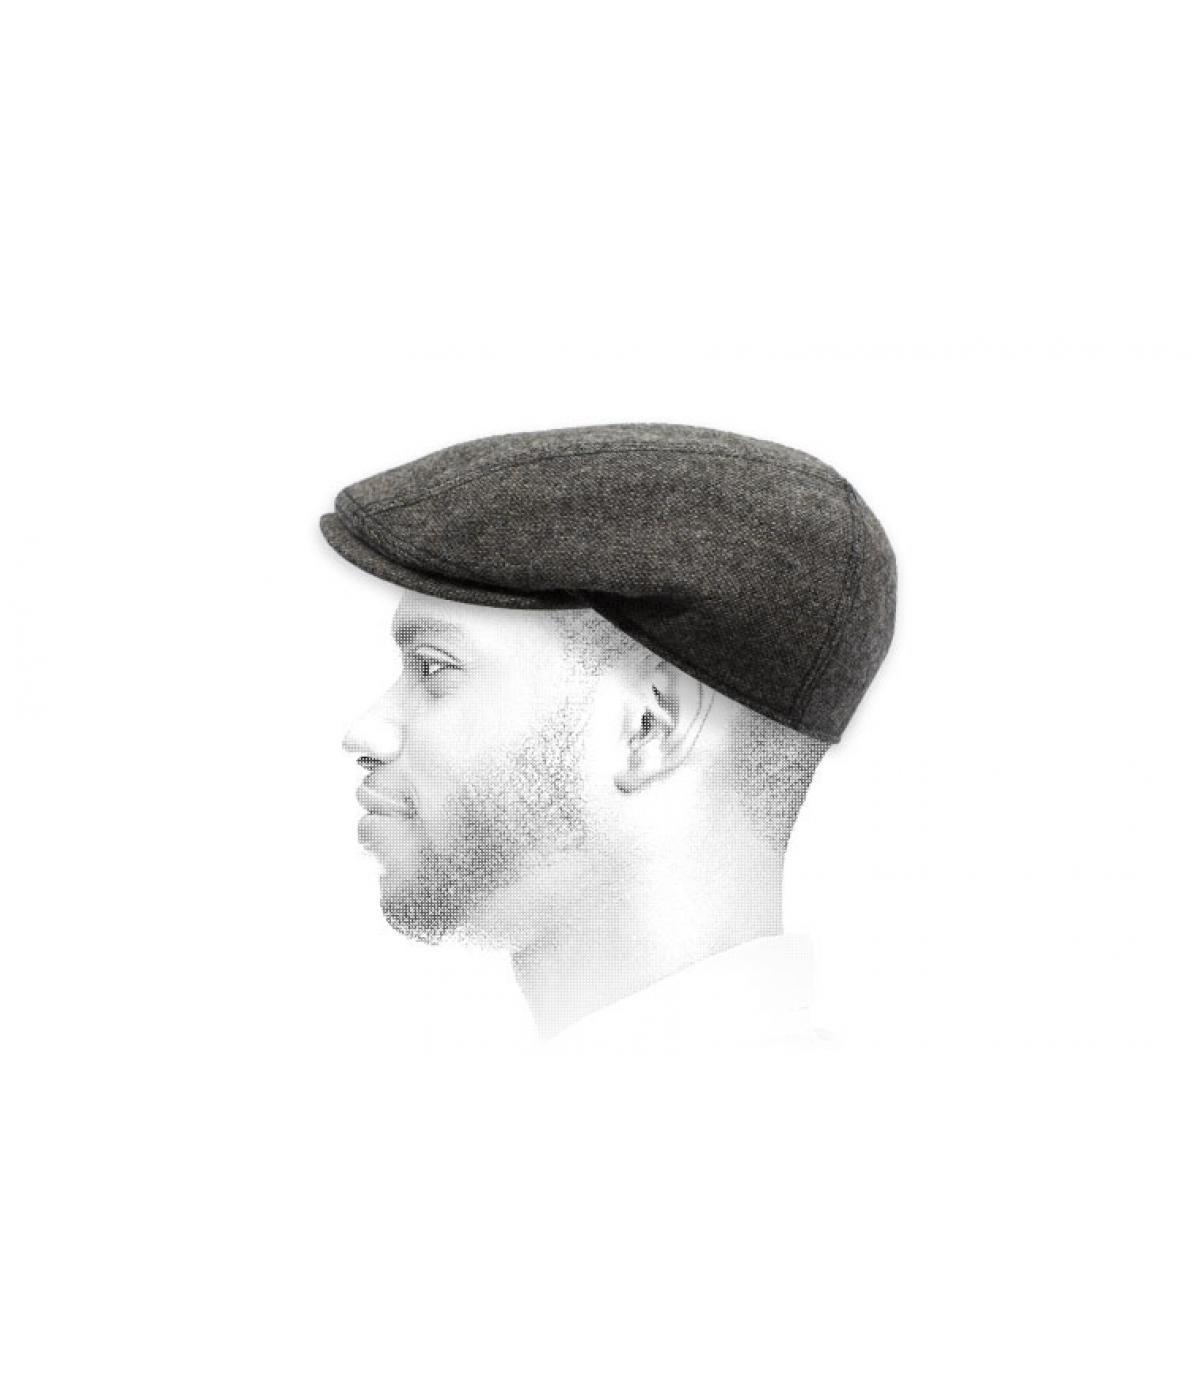 Göttmann bruine wol baret